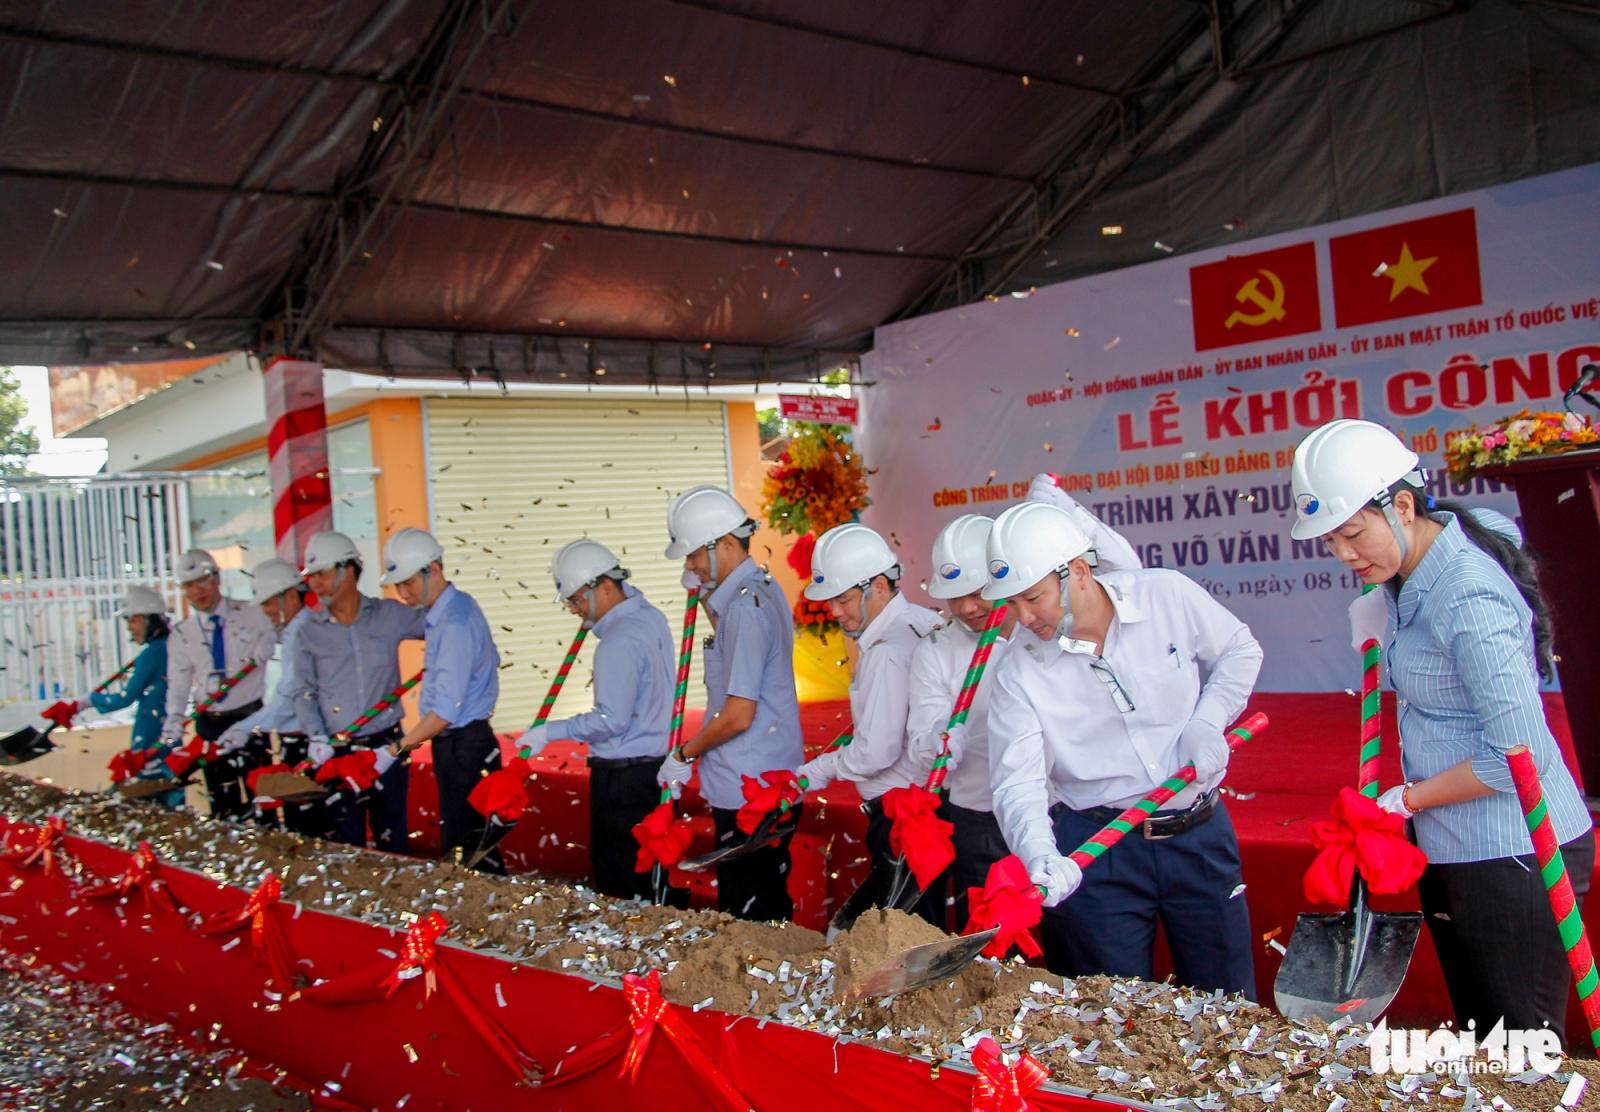 Tập đoàn Anh Vinh trúng gói thầu xây lắp hệ thống thoát nước tại TP.HCM